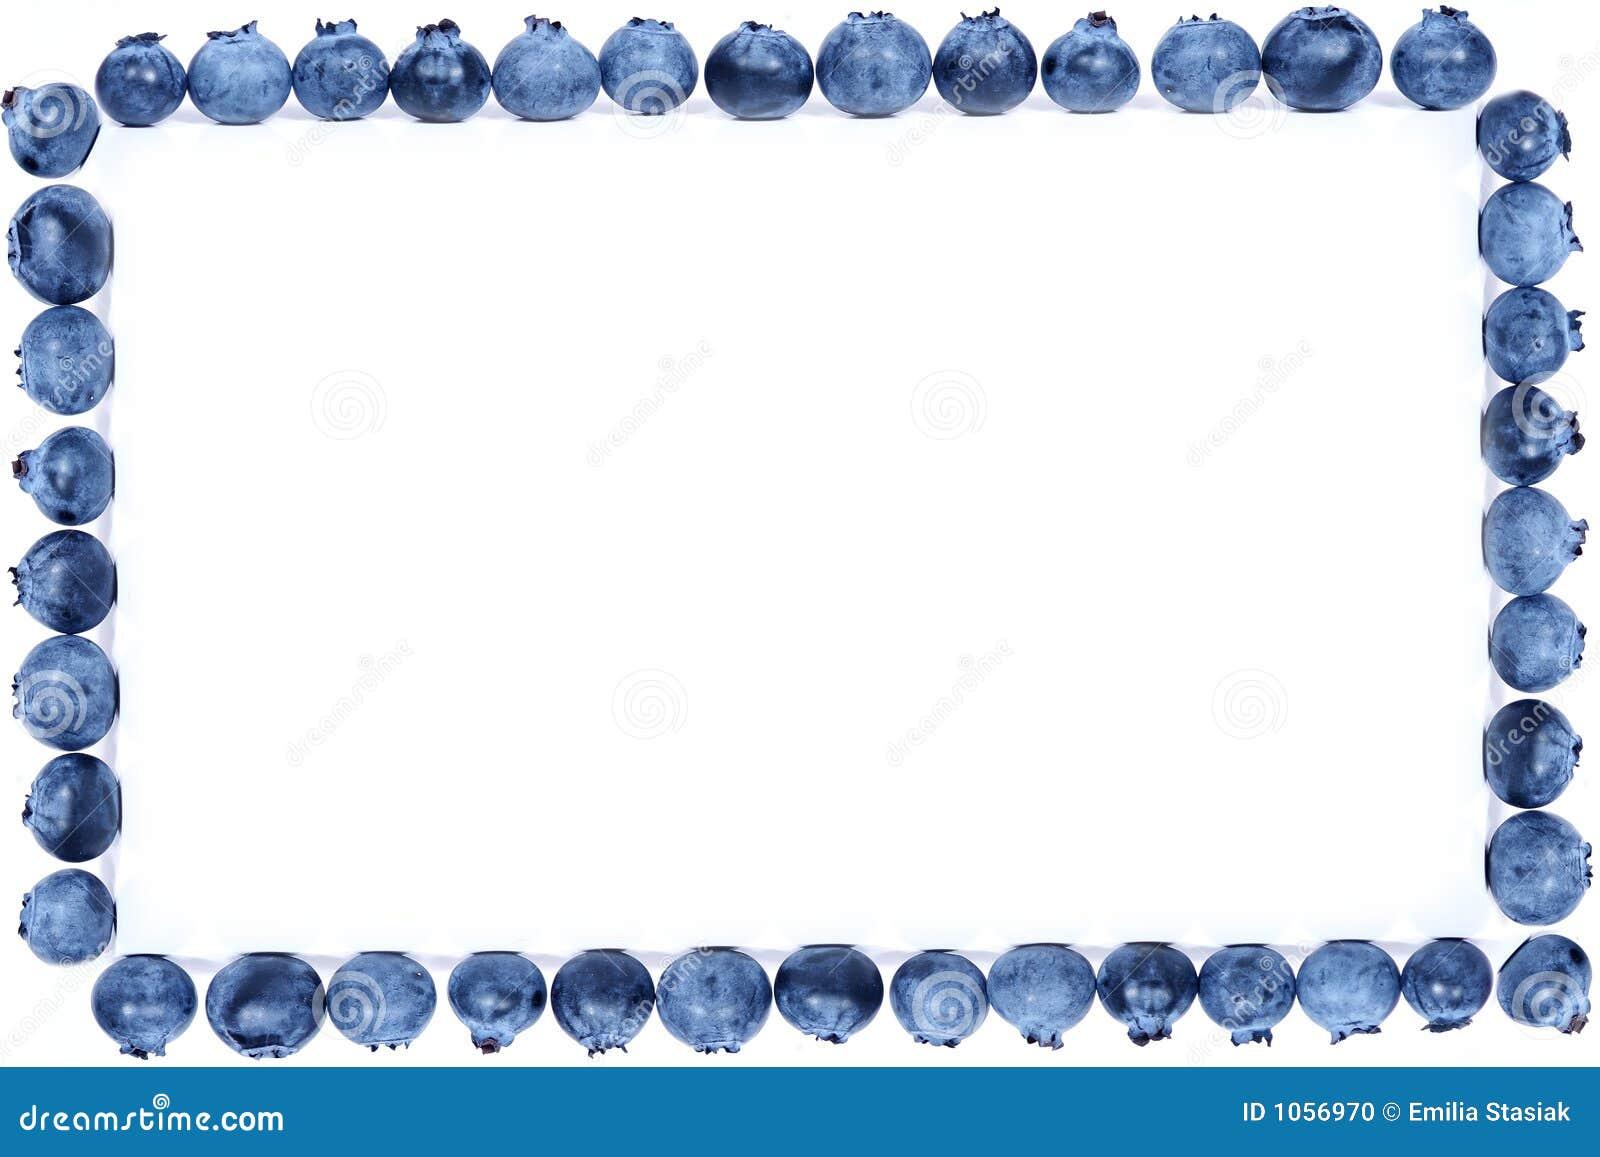 Blueberry Frame Stock Photo - Image: 1056970